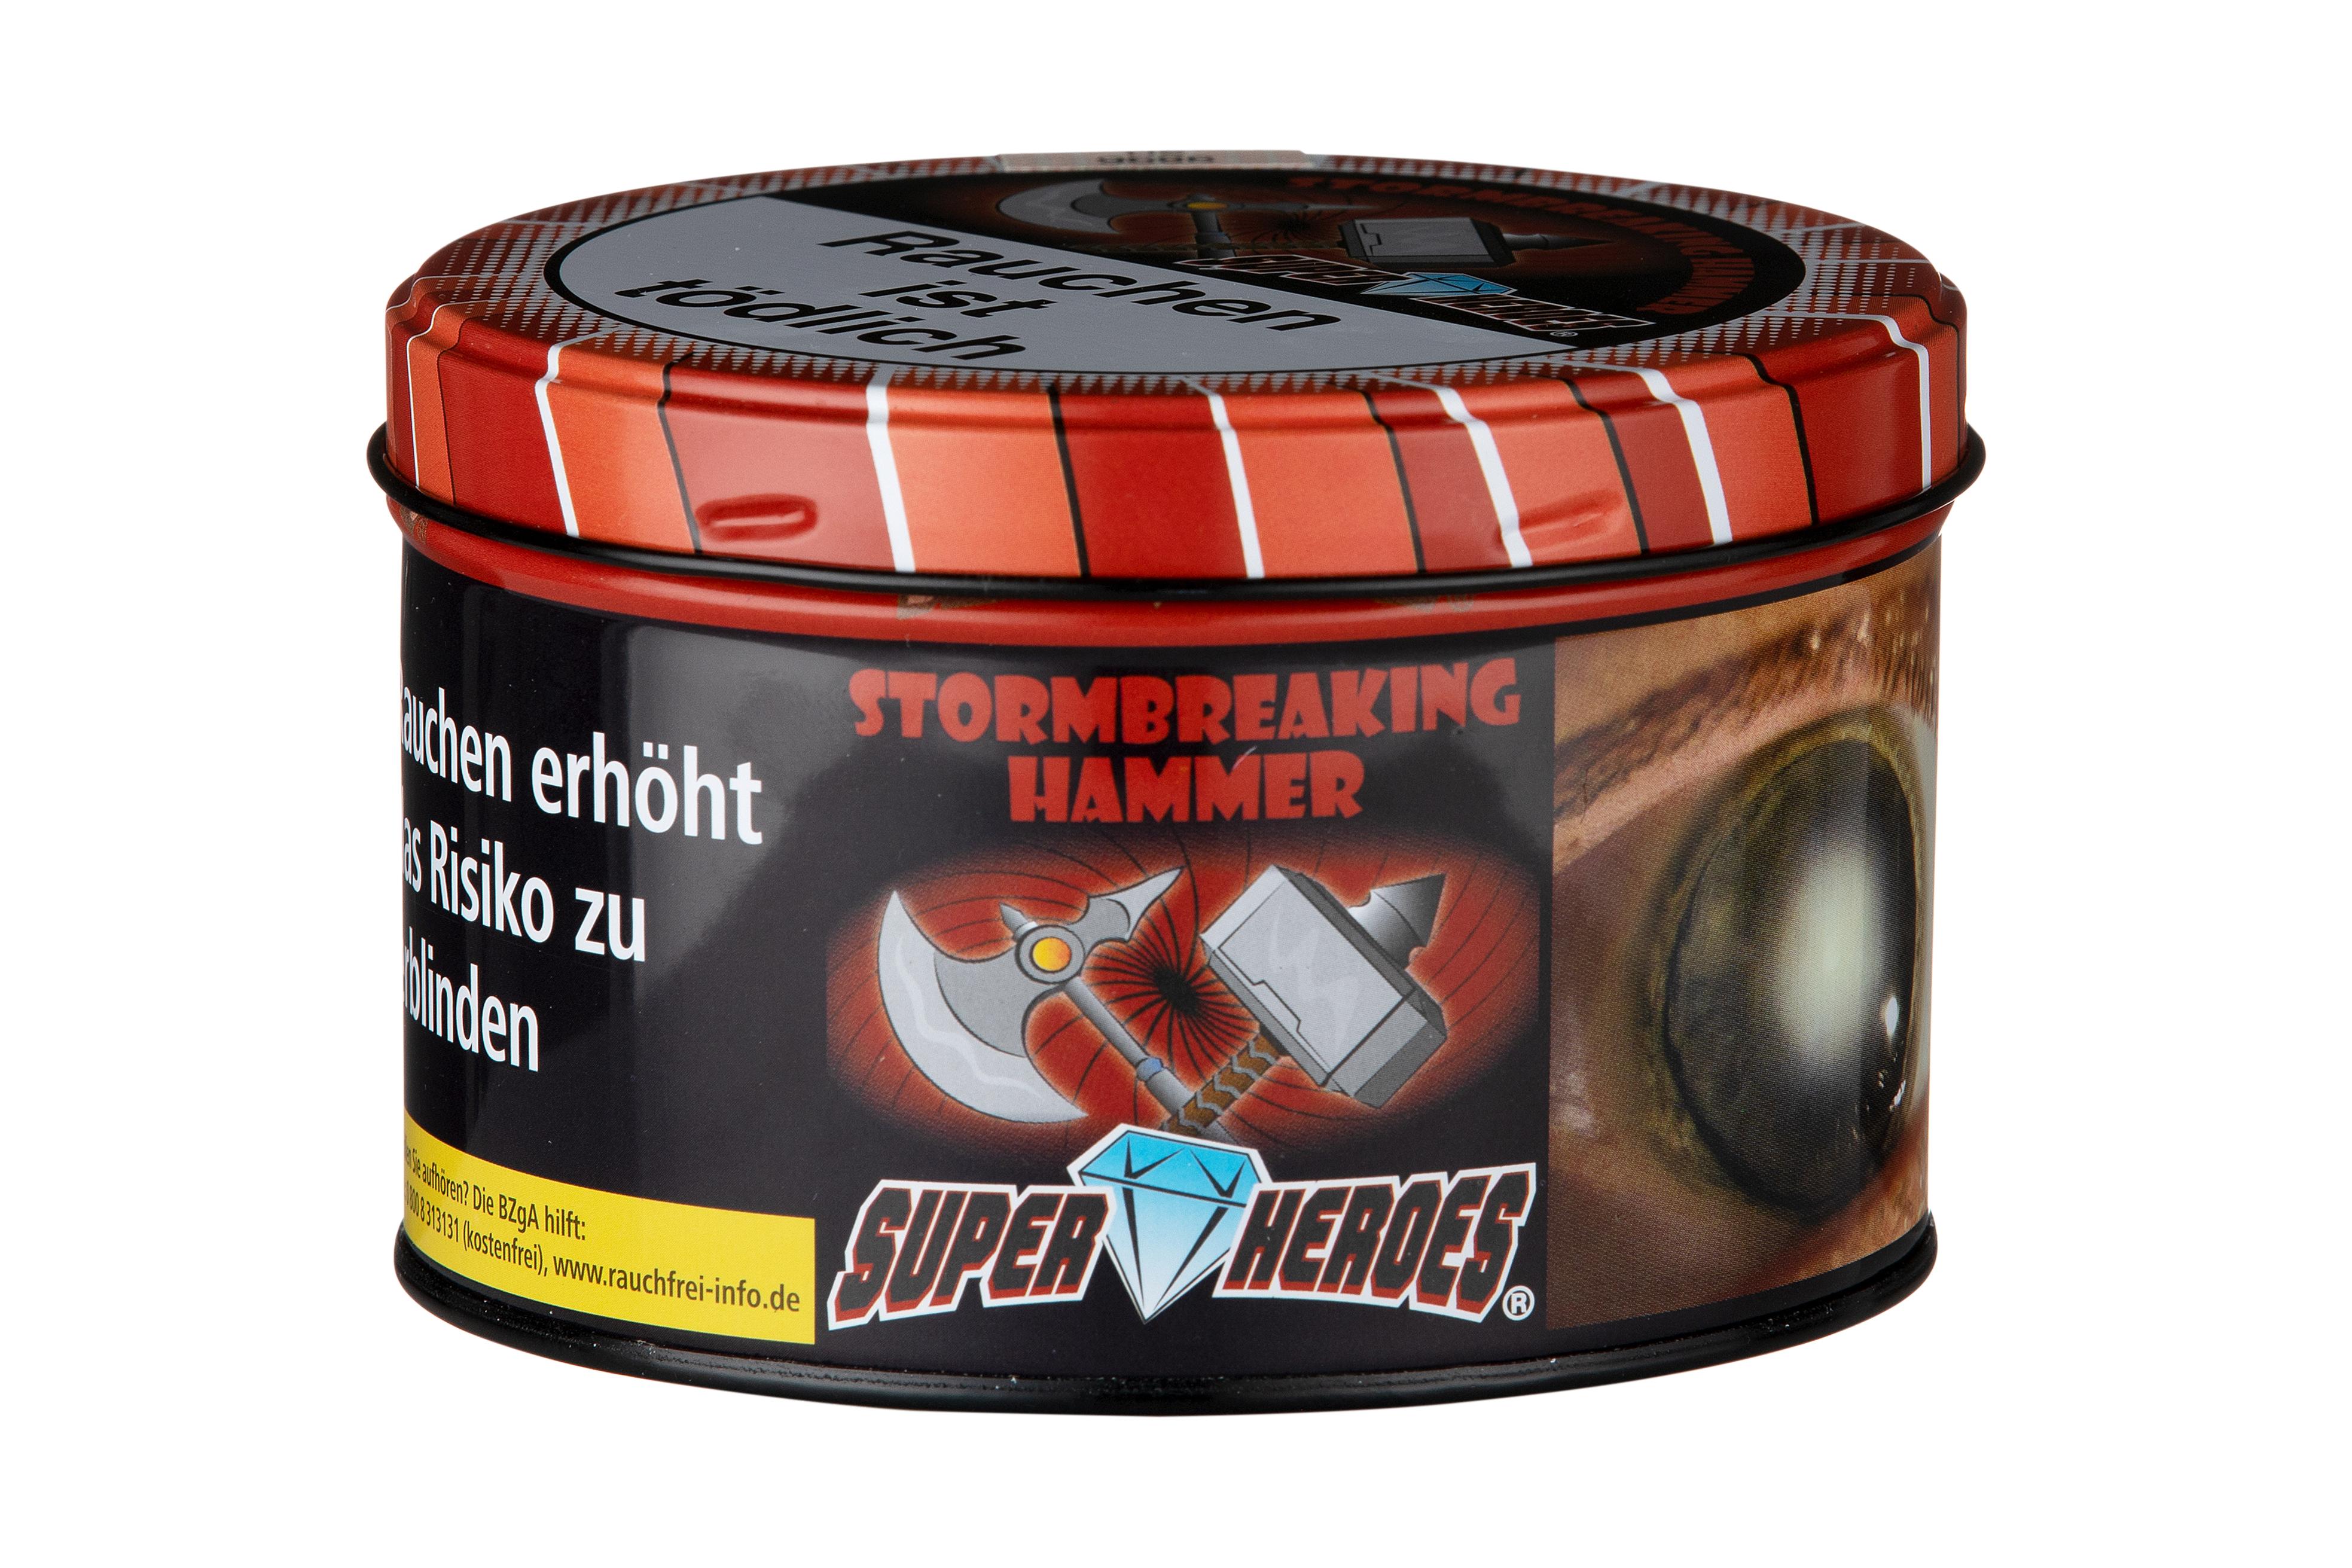 Super Heroes Wasserpfeifentabak Stormbreaking Hammer